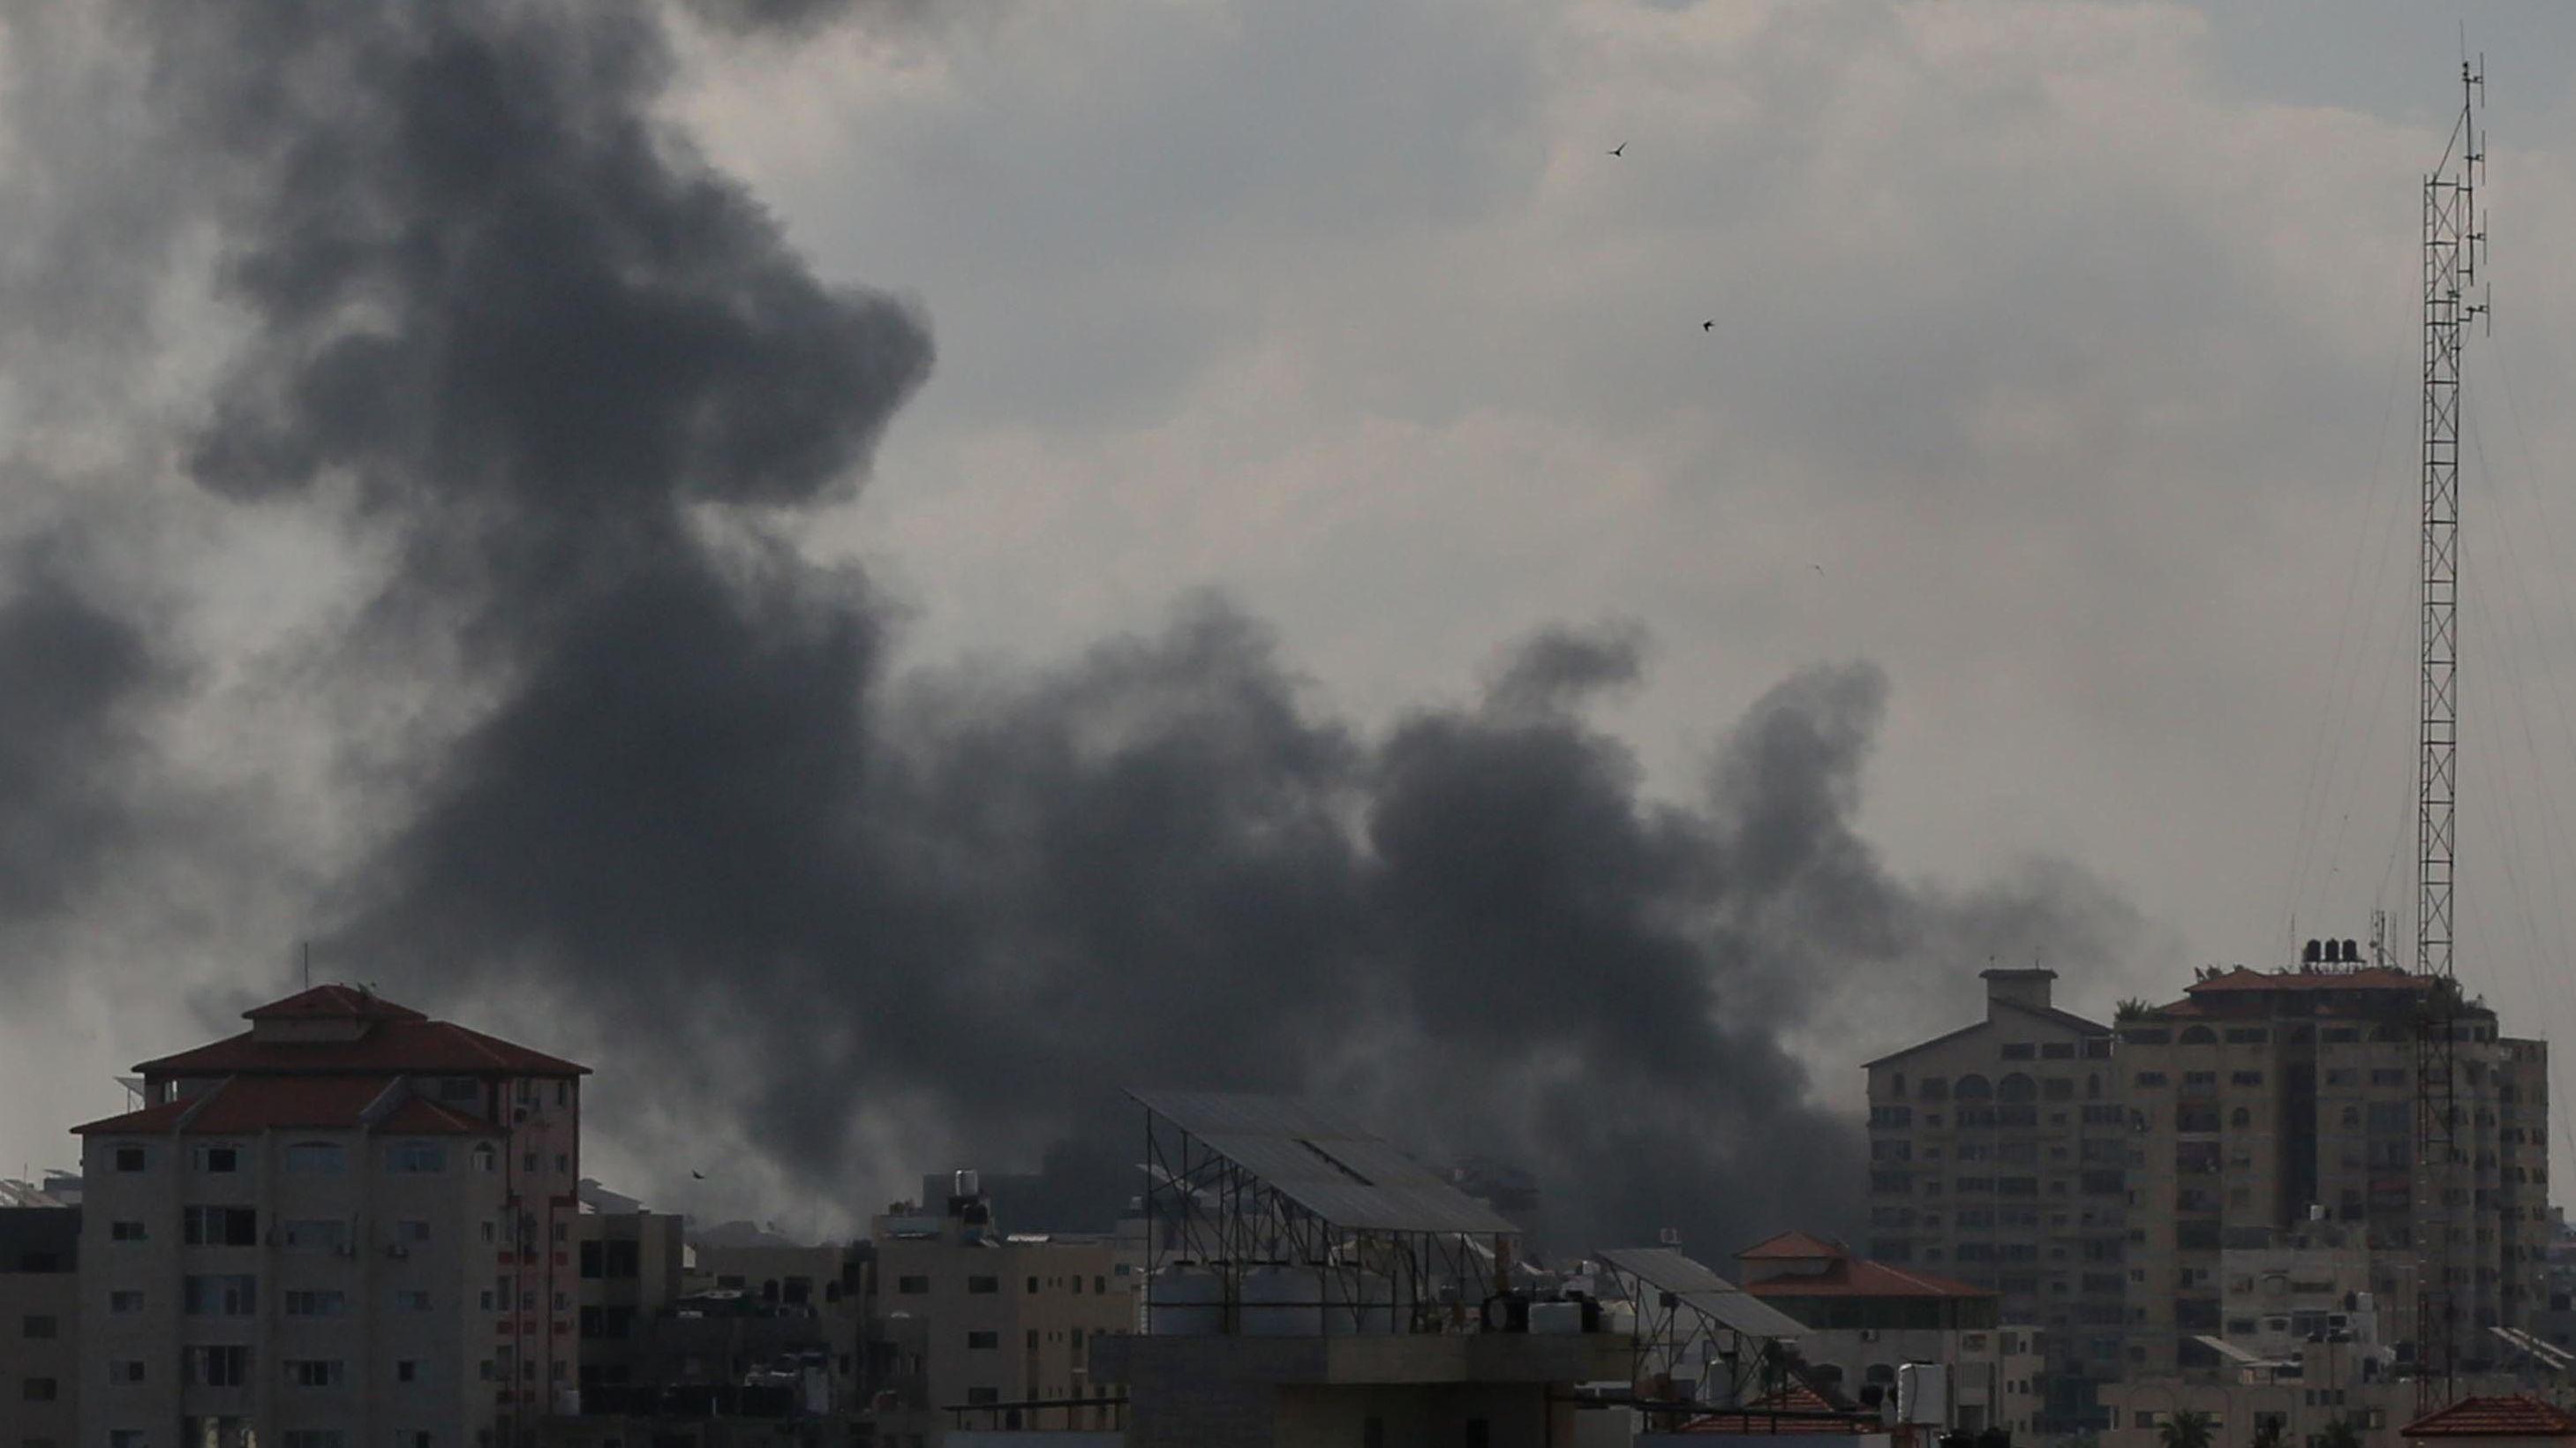 Die israelische Armee beschießt weiter den Gaza-Streifen. Auch Panzerabwehrtrupps der Hamas wurden angegriffen.